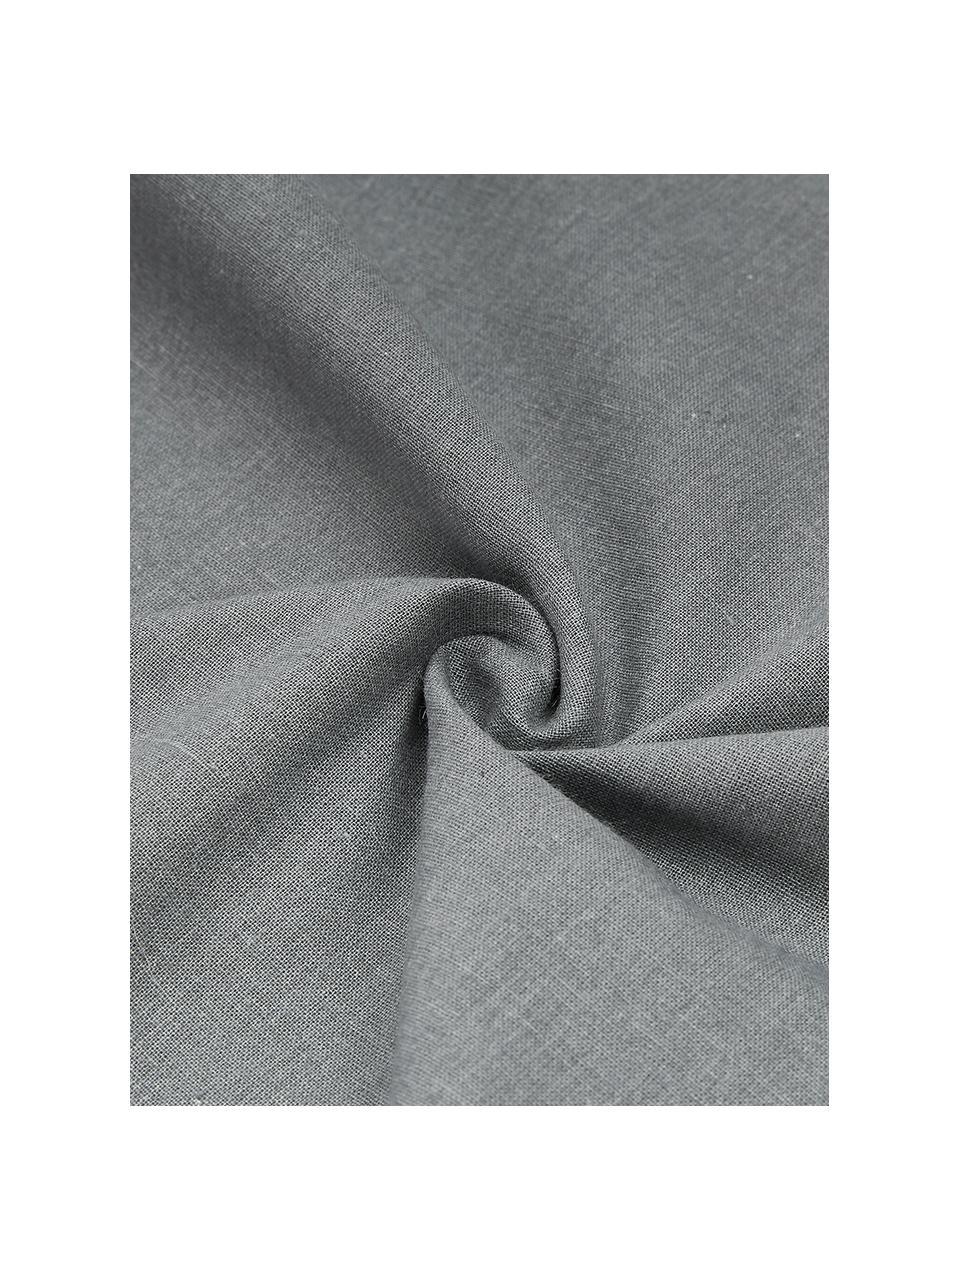 Gewaschene Baumwoll-Bettwäsche Arlene in Dunkelgrau, Webart: Renforcé Fadendichte 144 , Dunkelgrau, 135 x 200 cm + 1 Kissen 80 x 80 cm